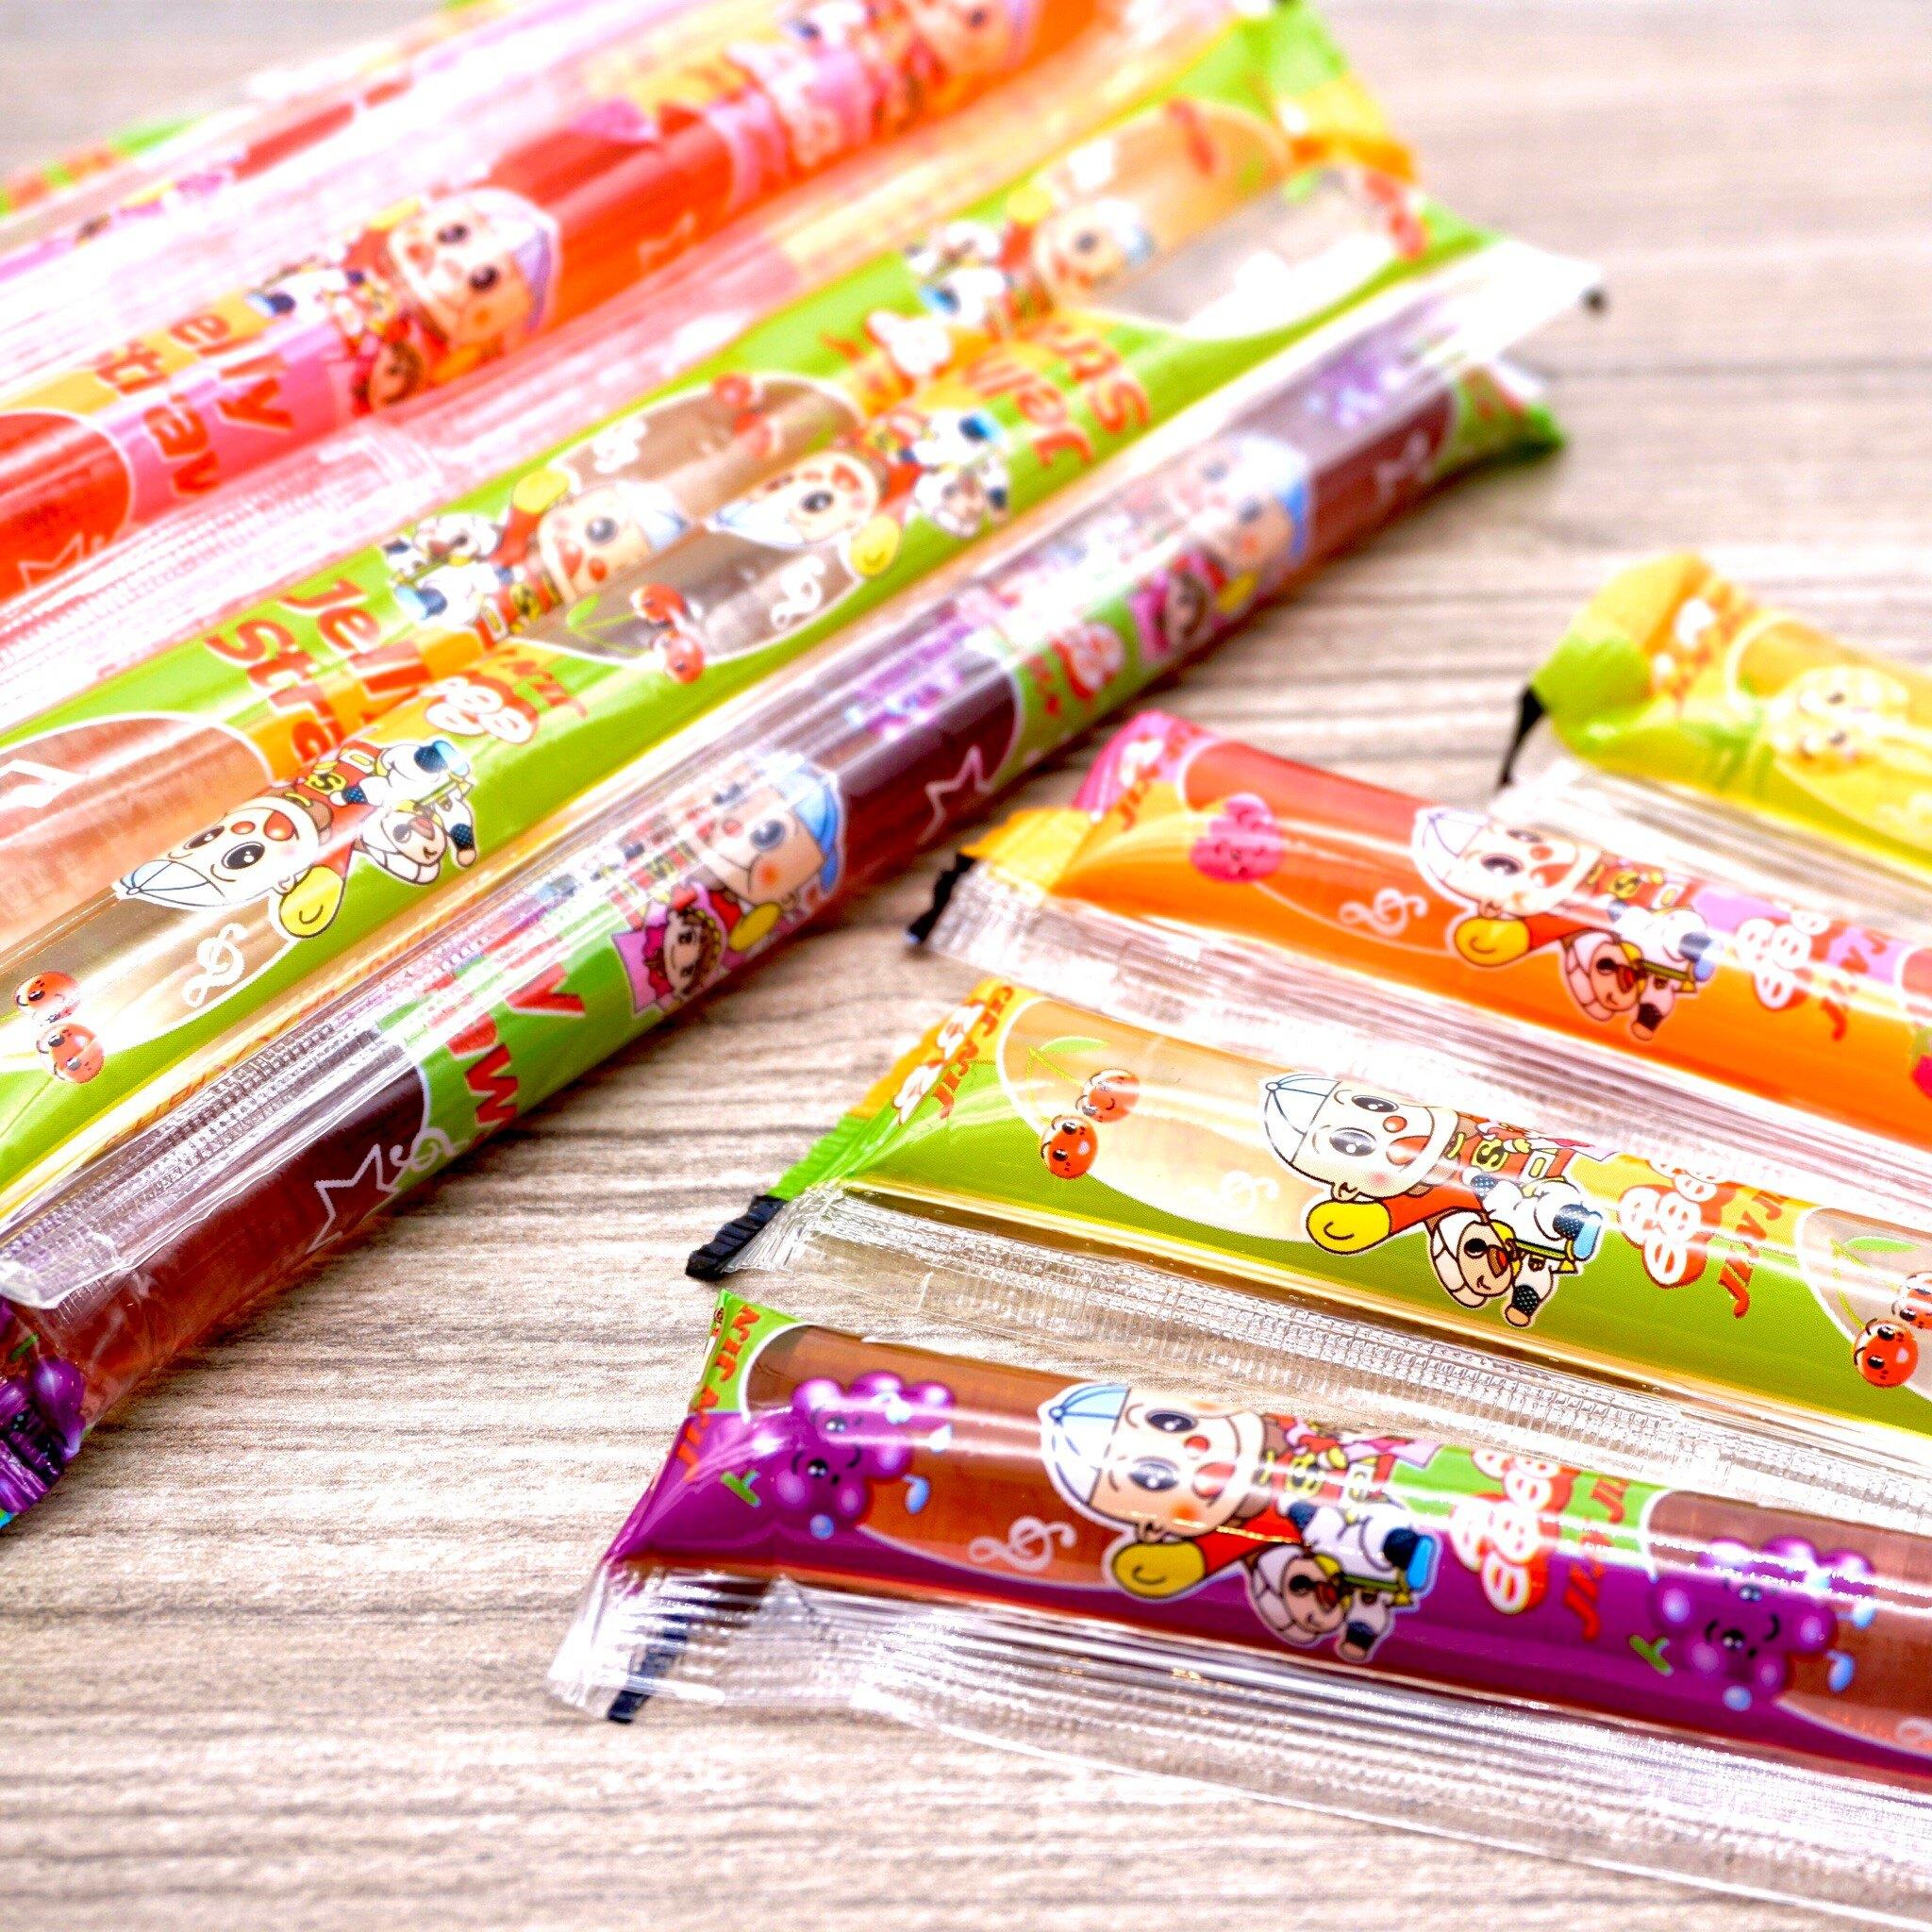 嘴甜甜 果凍條 200公克 果凍系列 果汁果凍 果凍 水果凍 水果糖 糖果 素食 現貨